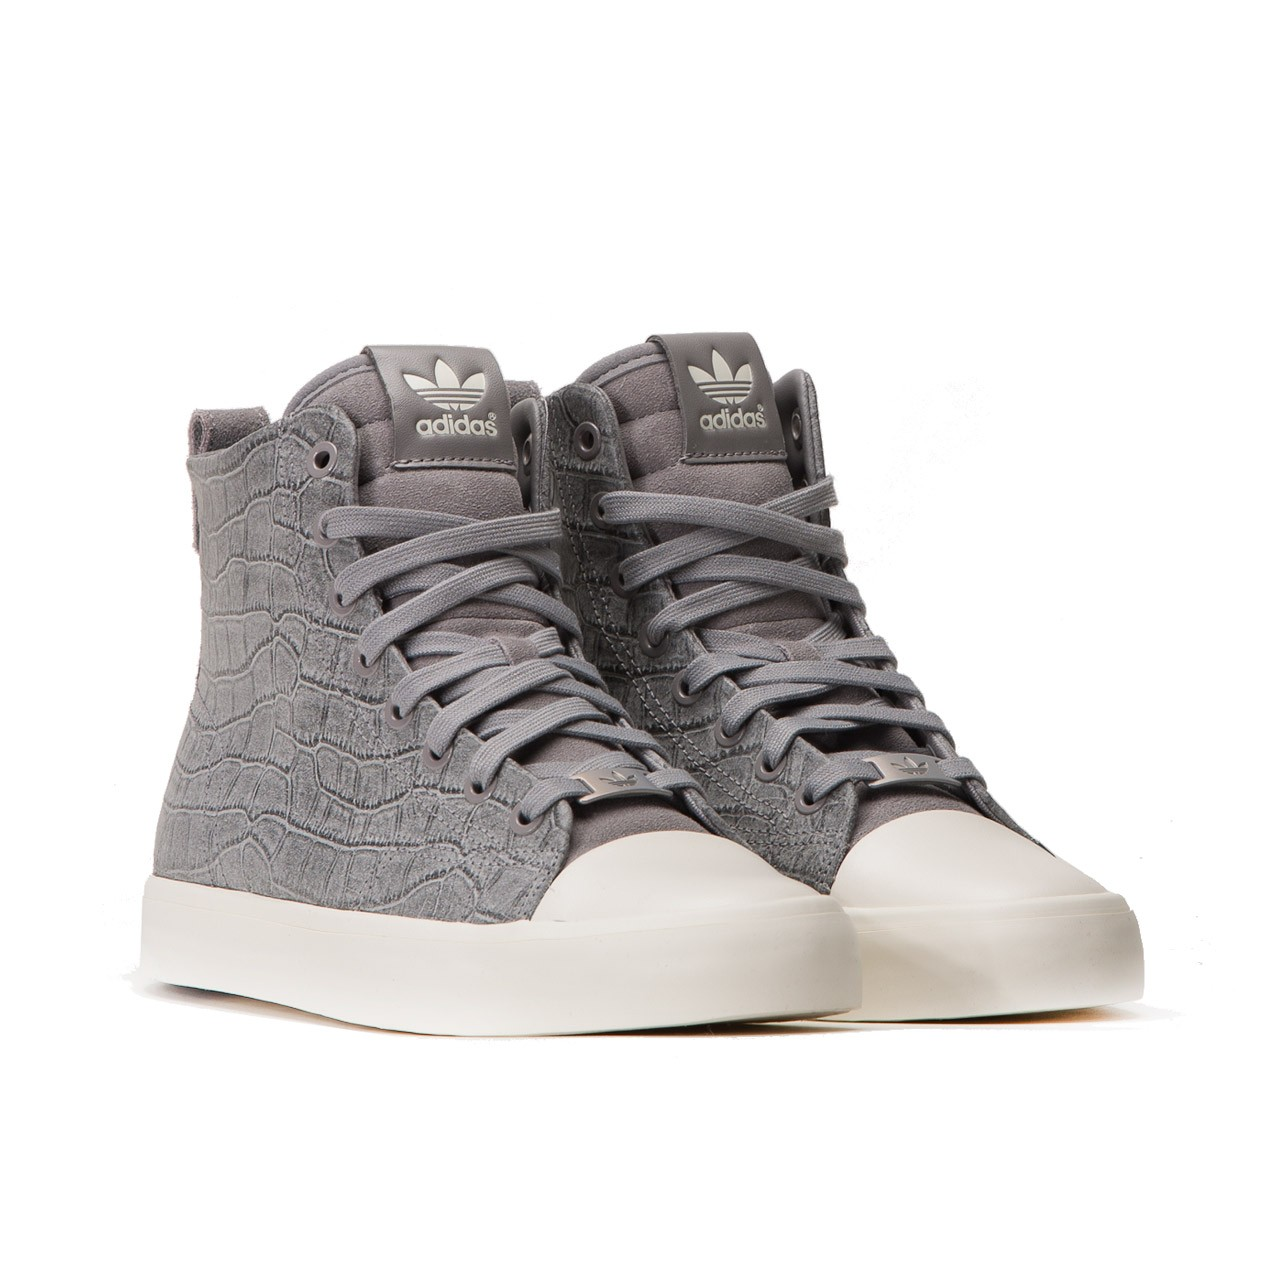 Adidas honey – the women's original adidas shoes!